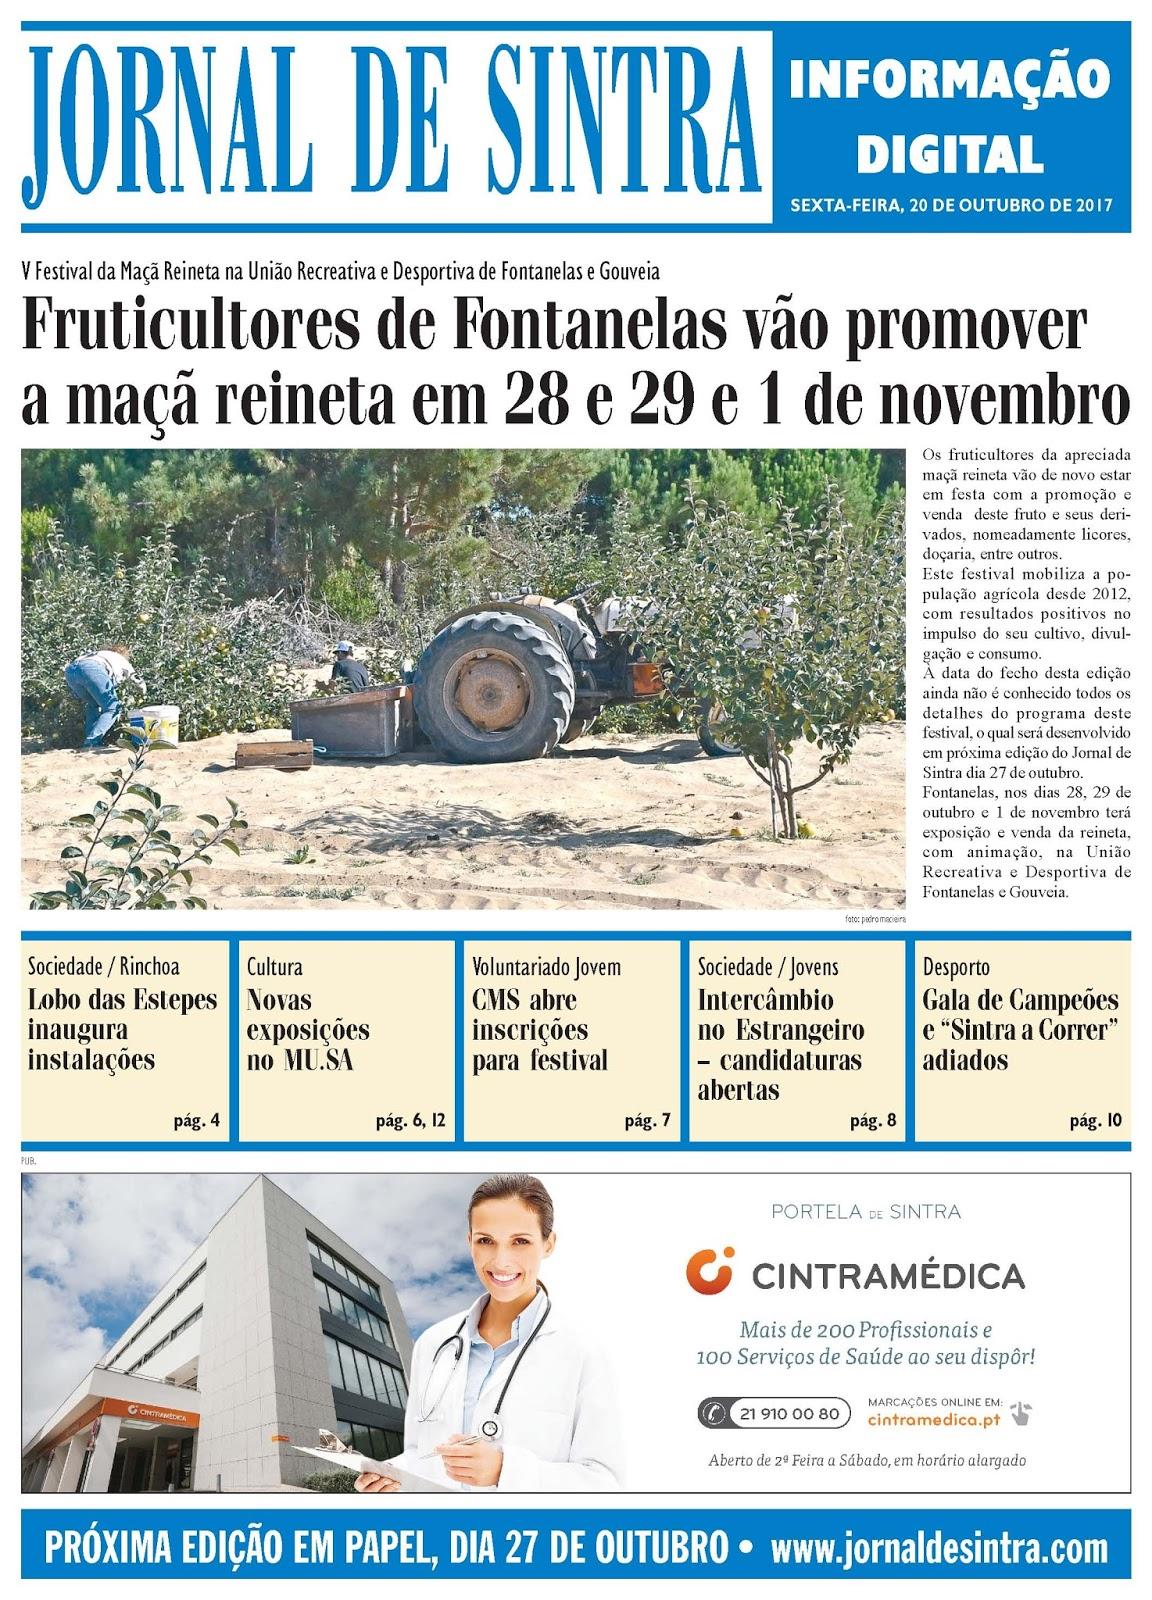 Capa da edição de 20-10-2017